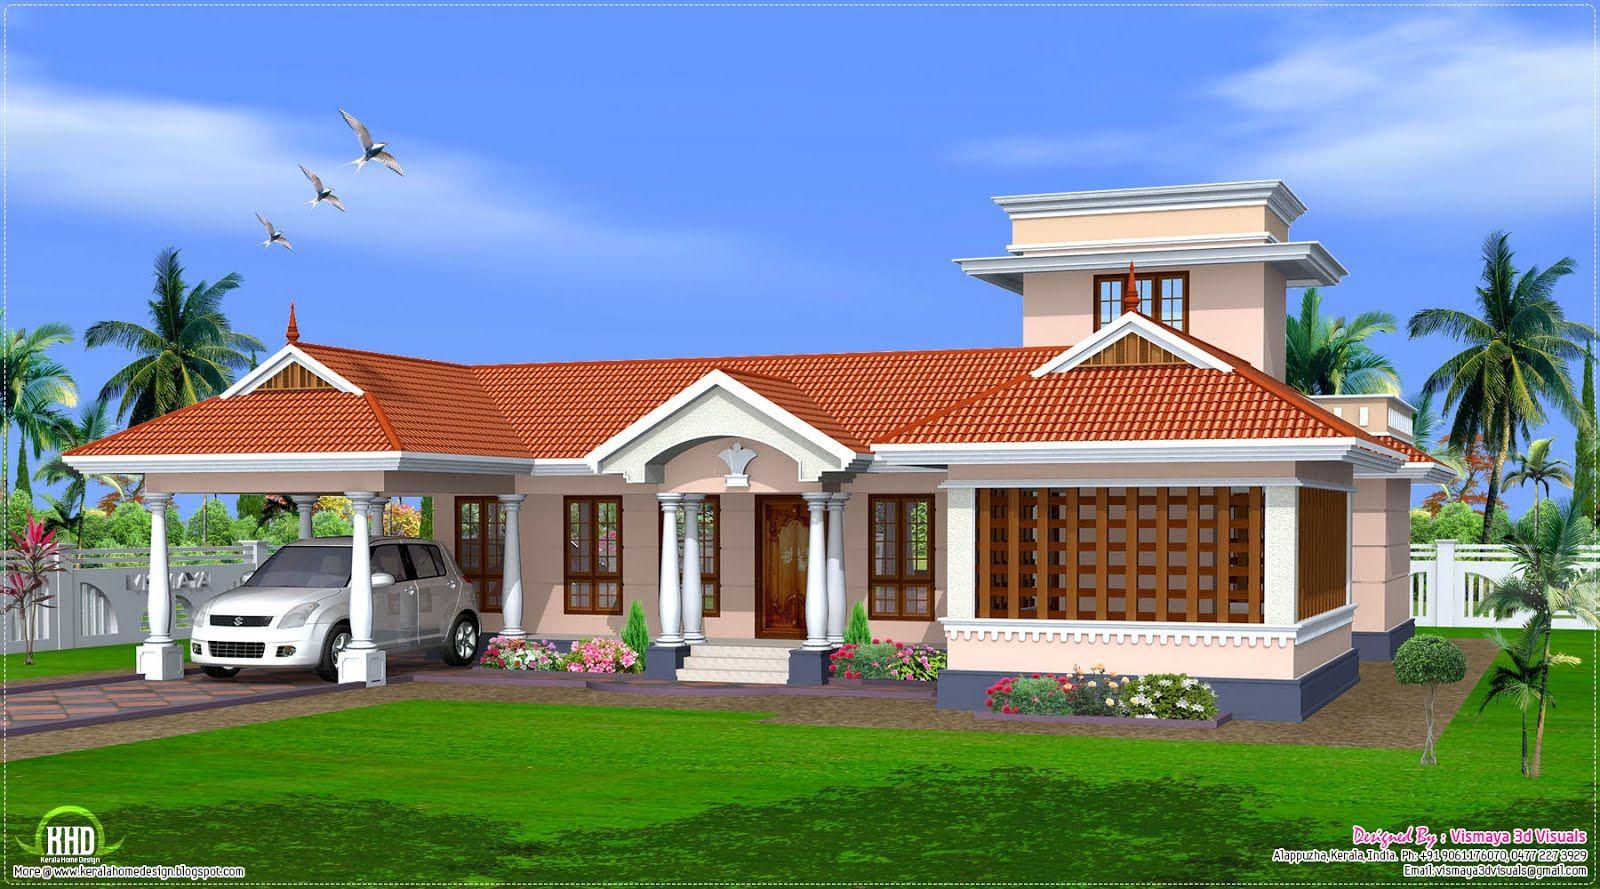 House one floor house exterior Buscar